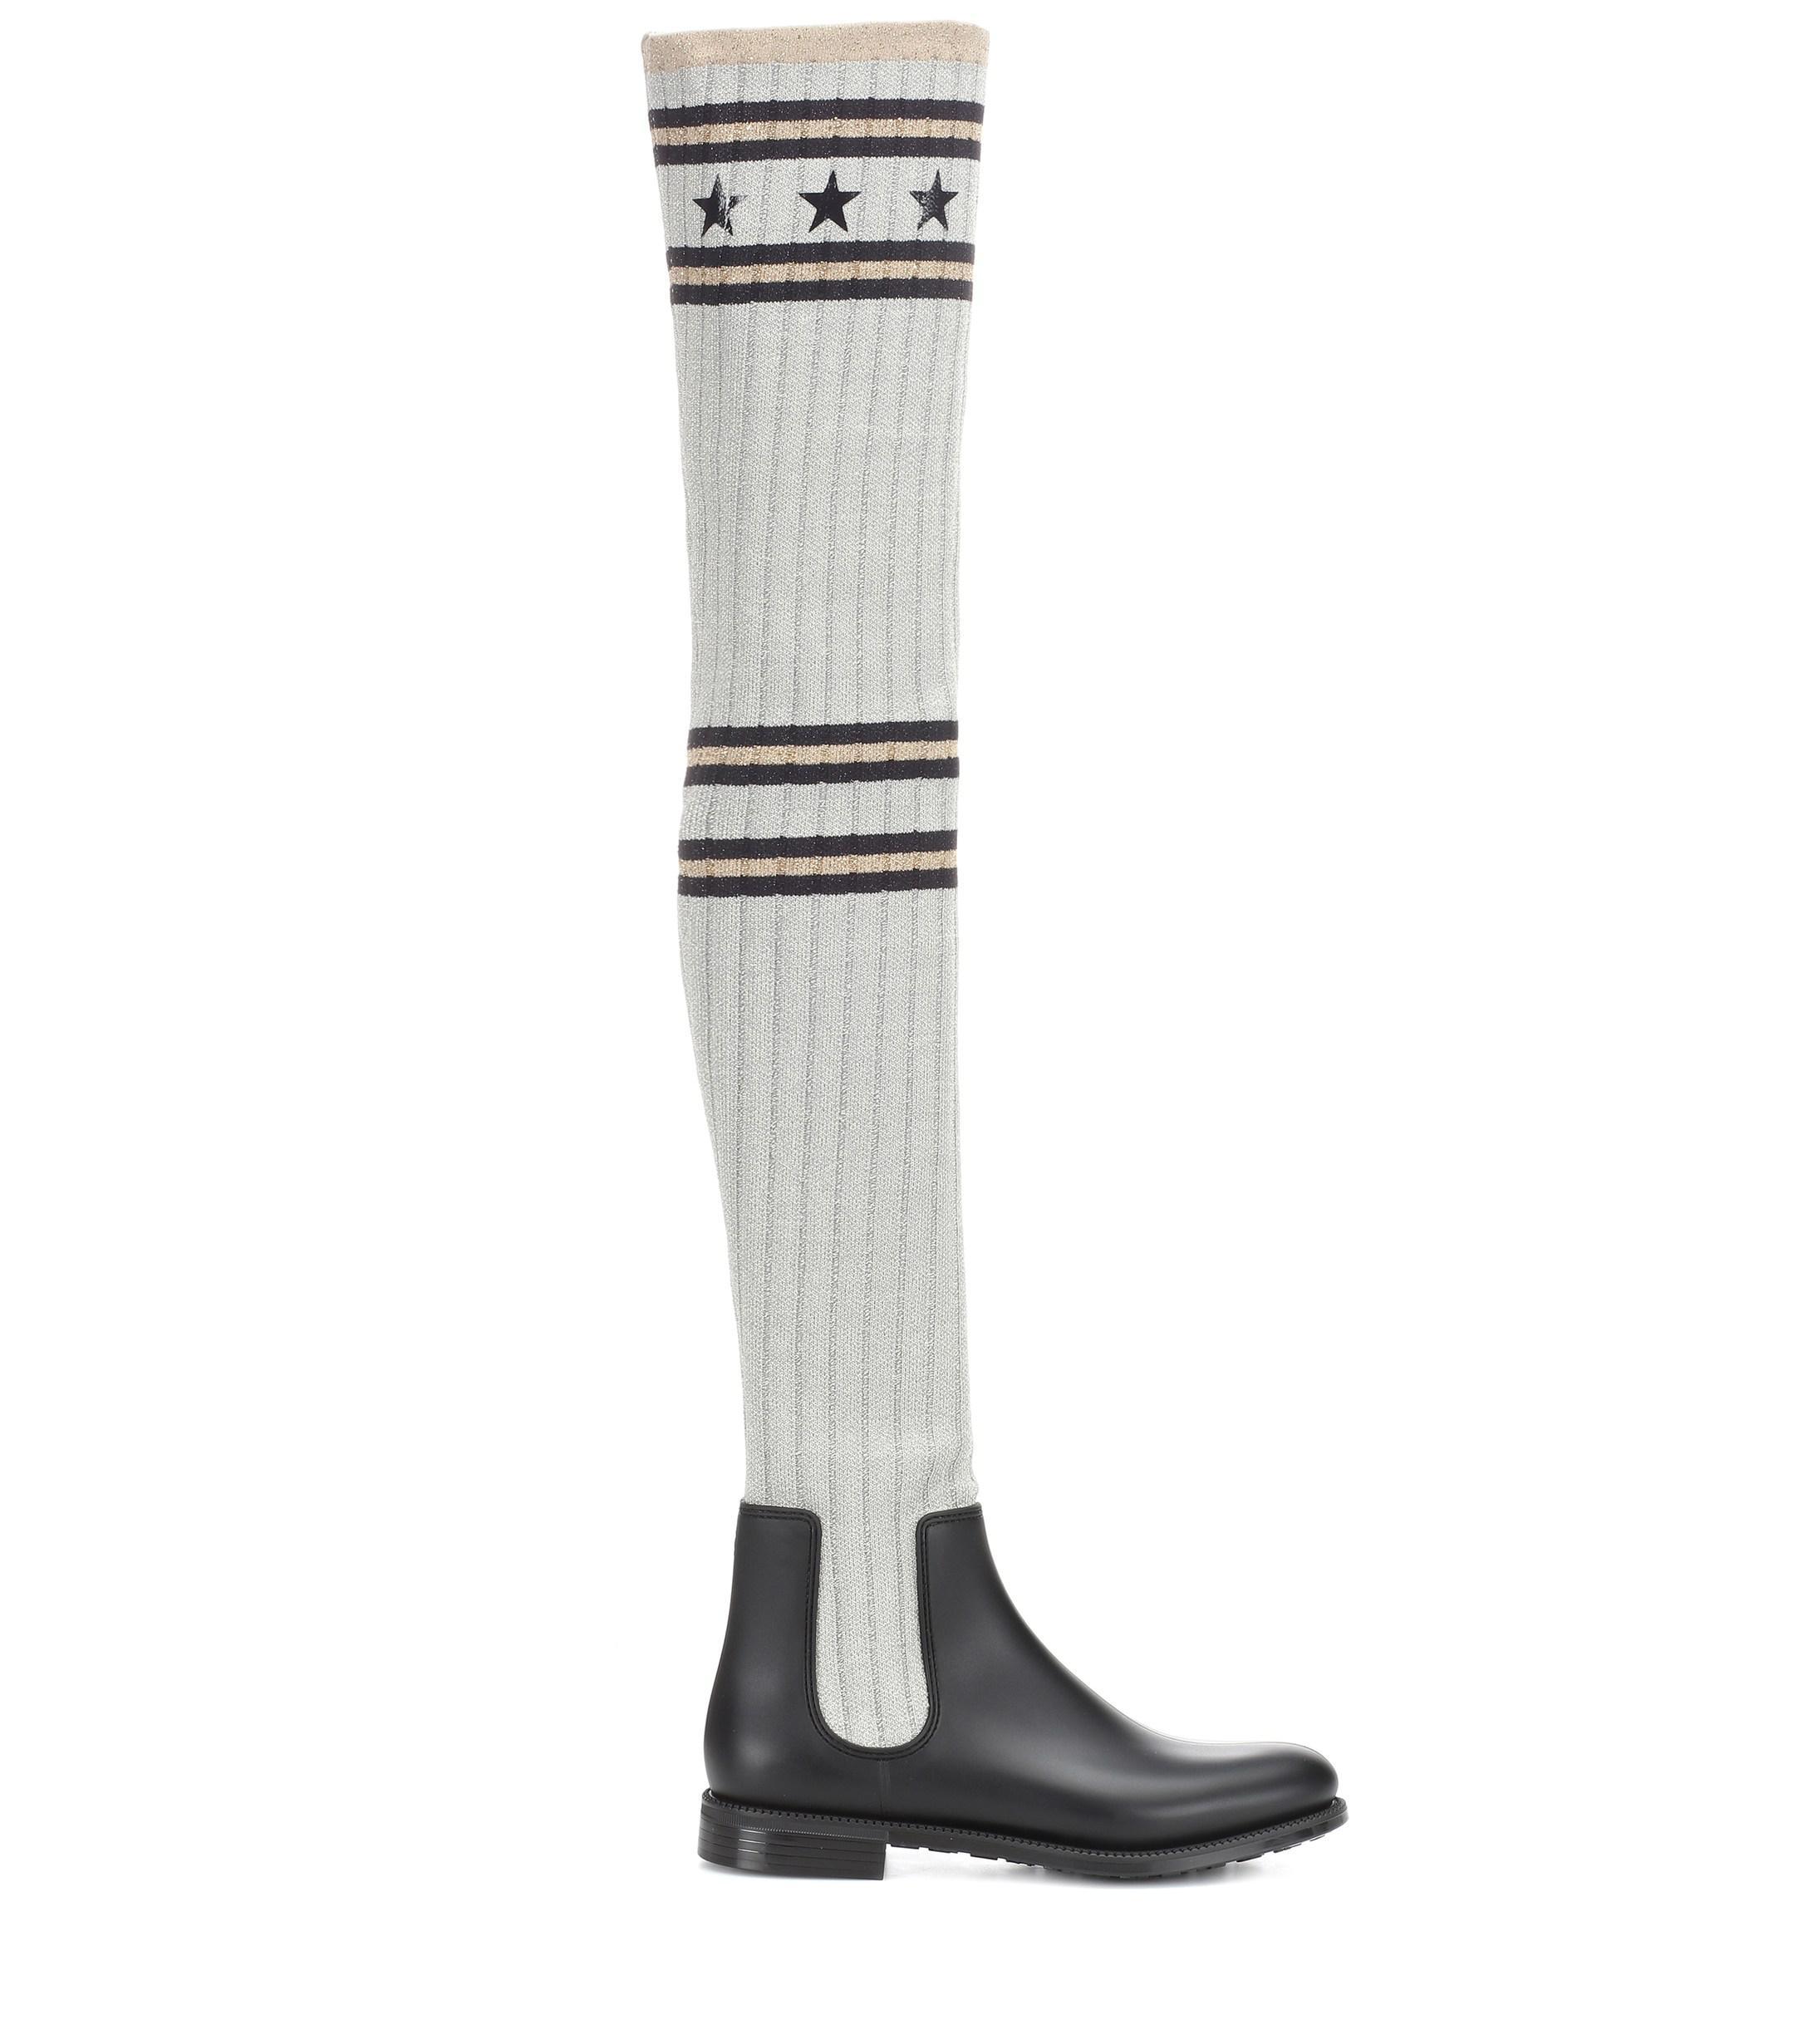 105mm Hohe Overknee stiefel Aus Leder Und Strick